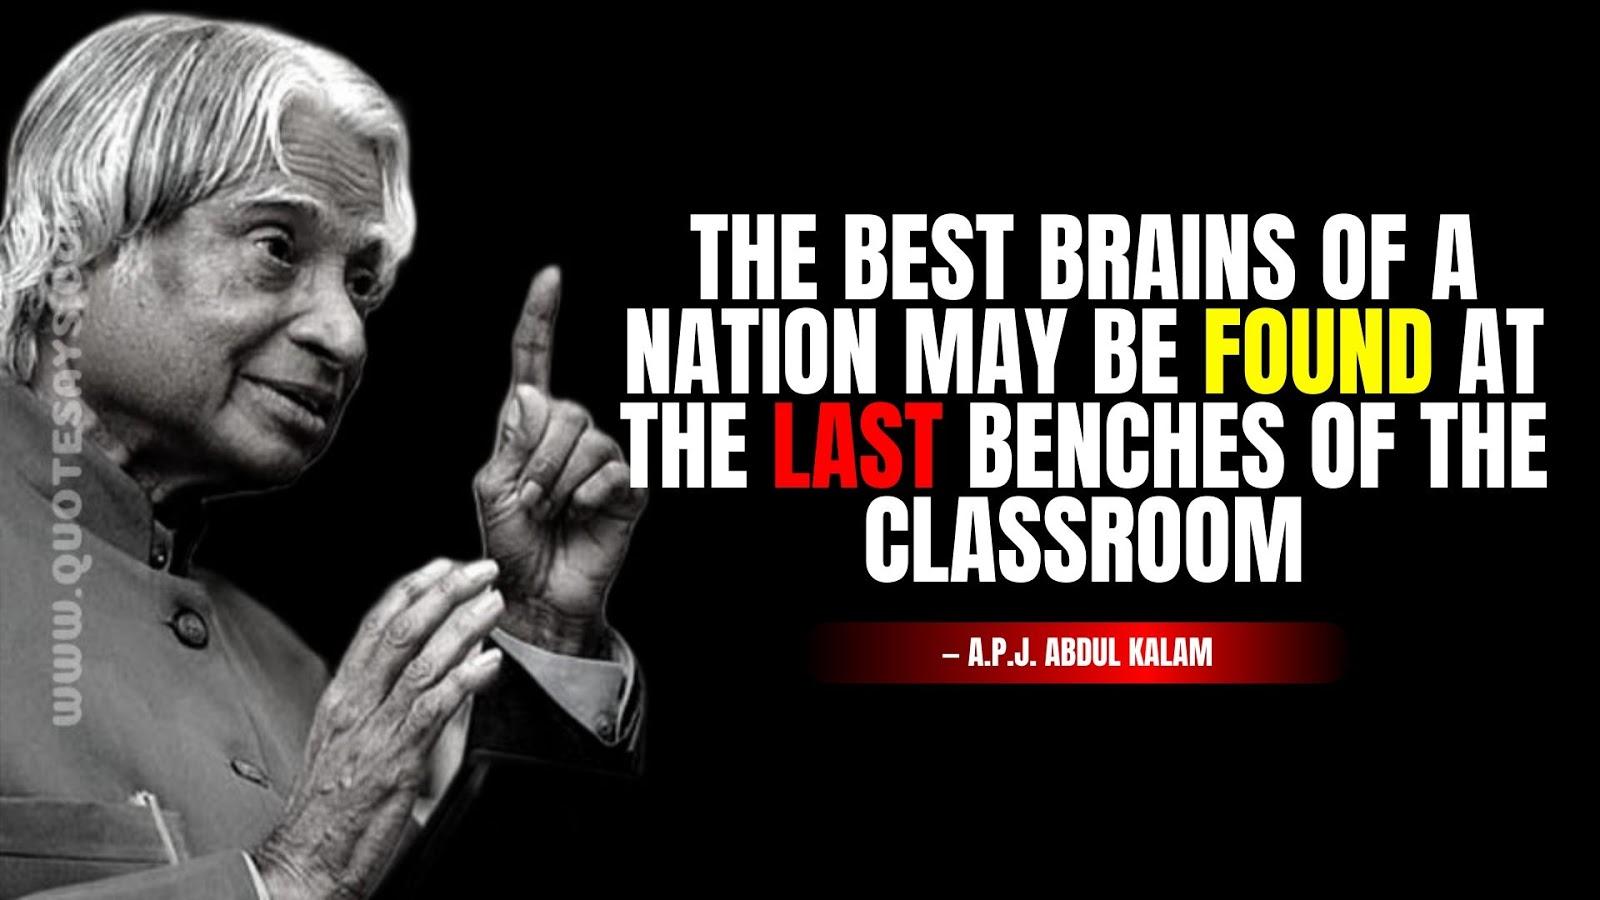 Apj Abdul Kalam Quotes about last benchers, Apj Abdul Kalam Quotes